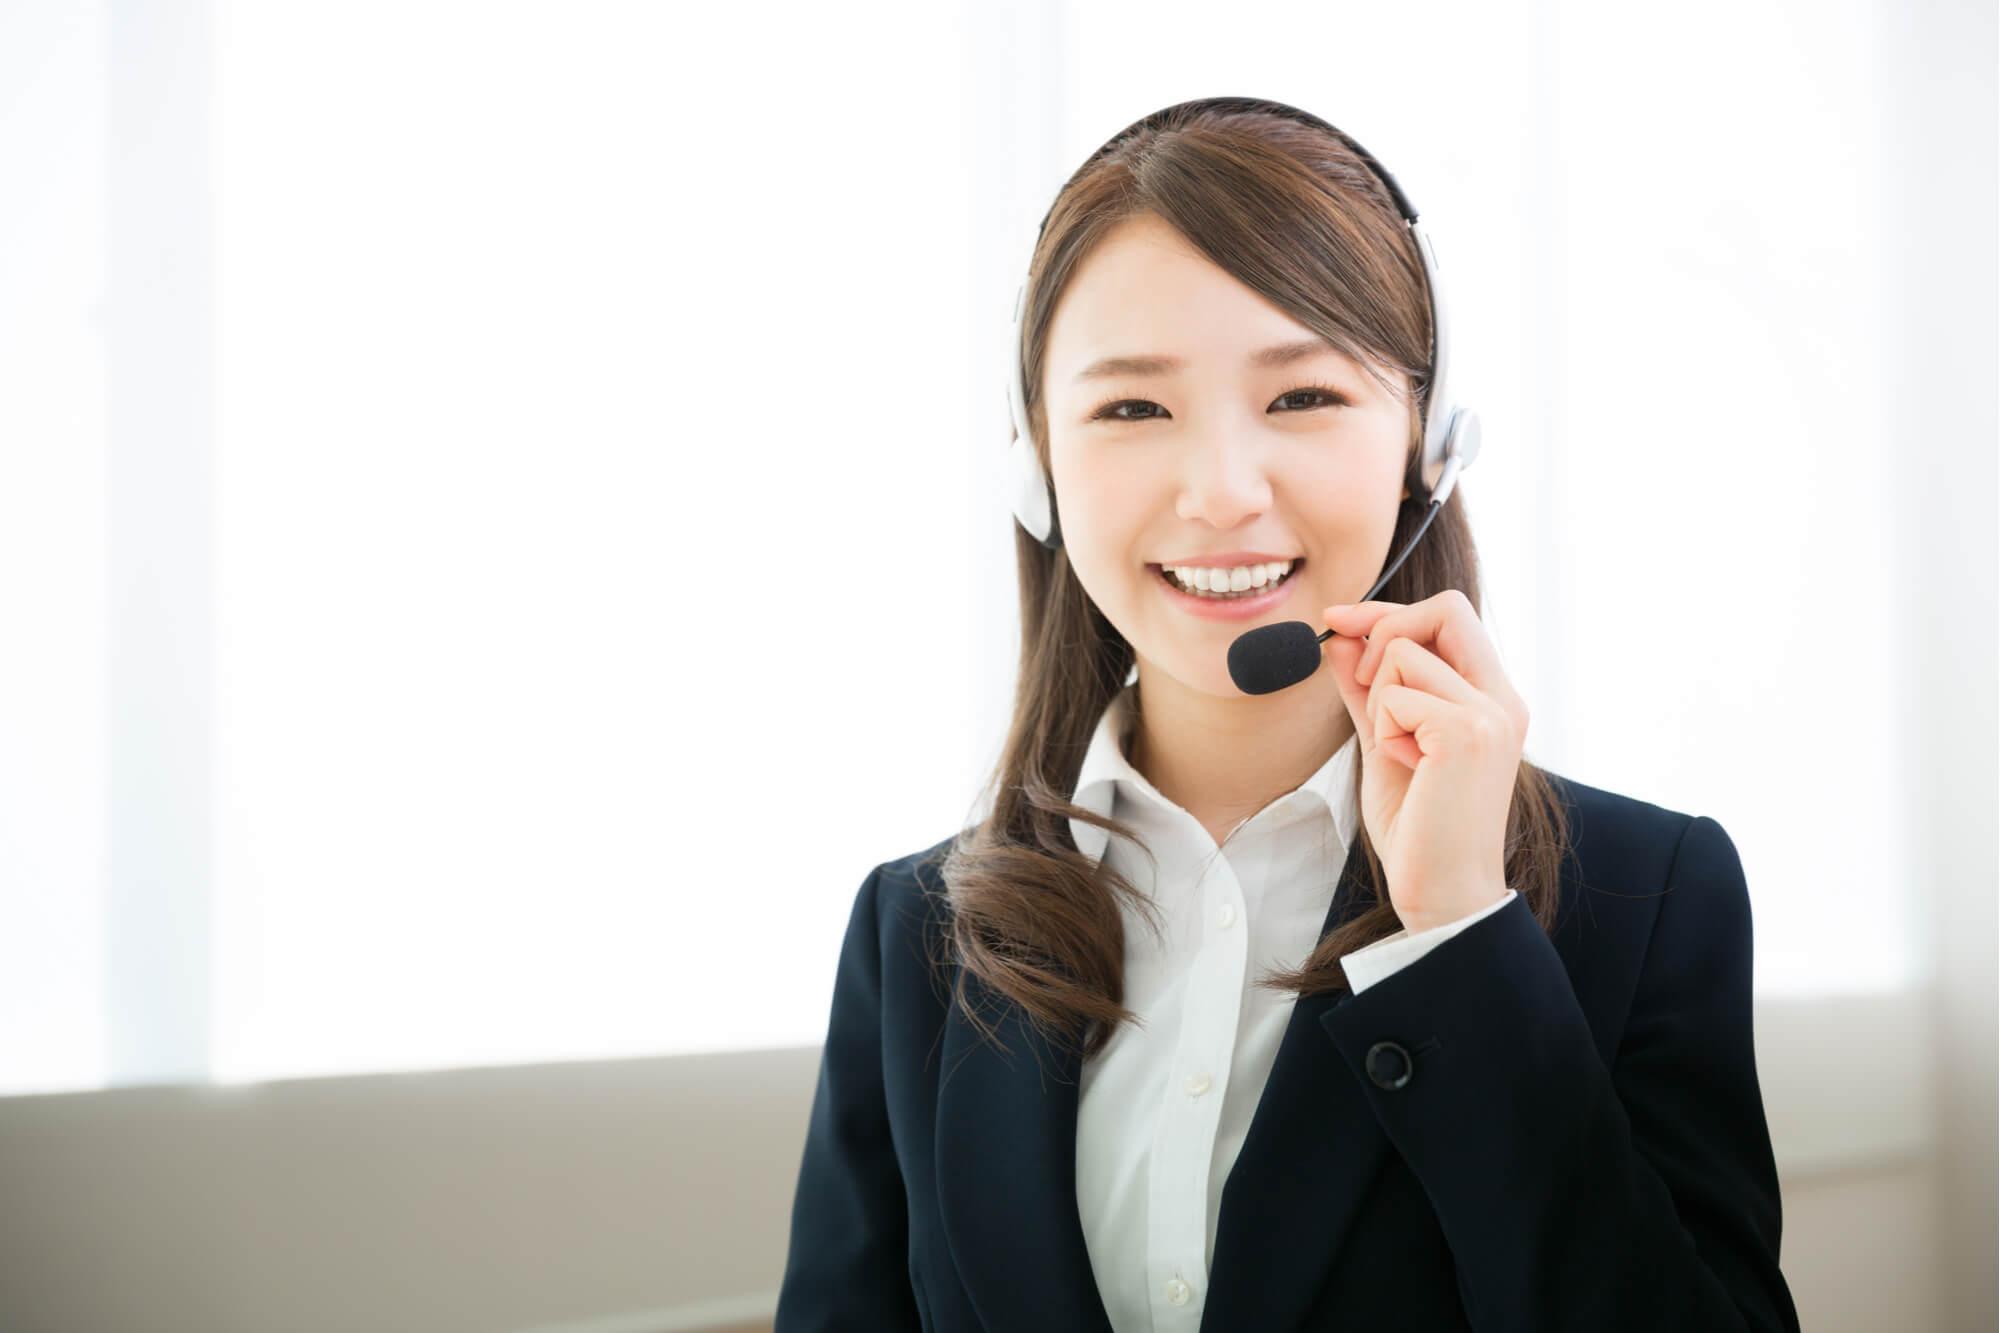 クライアントに折り返し確認の電話をする女性